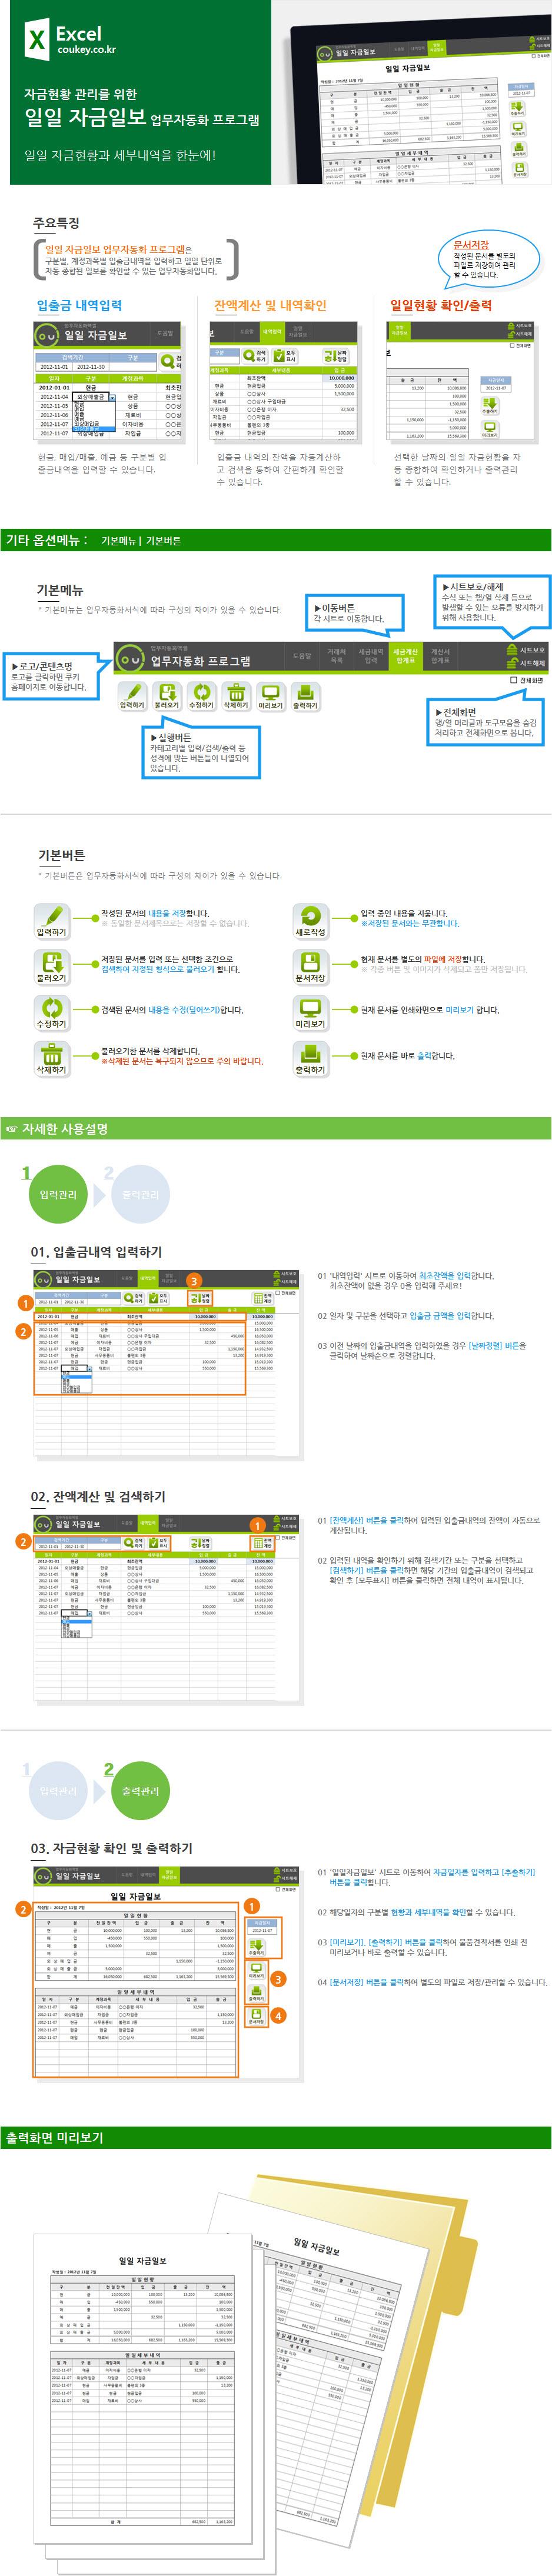 일일 자금일보 업무자동화 프로그램(잔액계산, 검색기능, 일일현황)